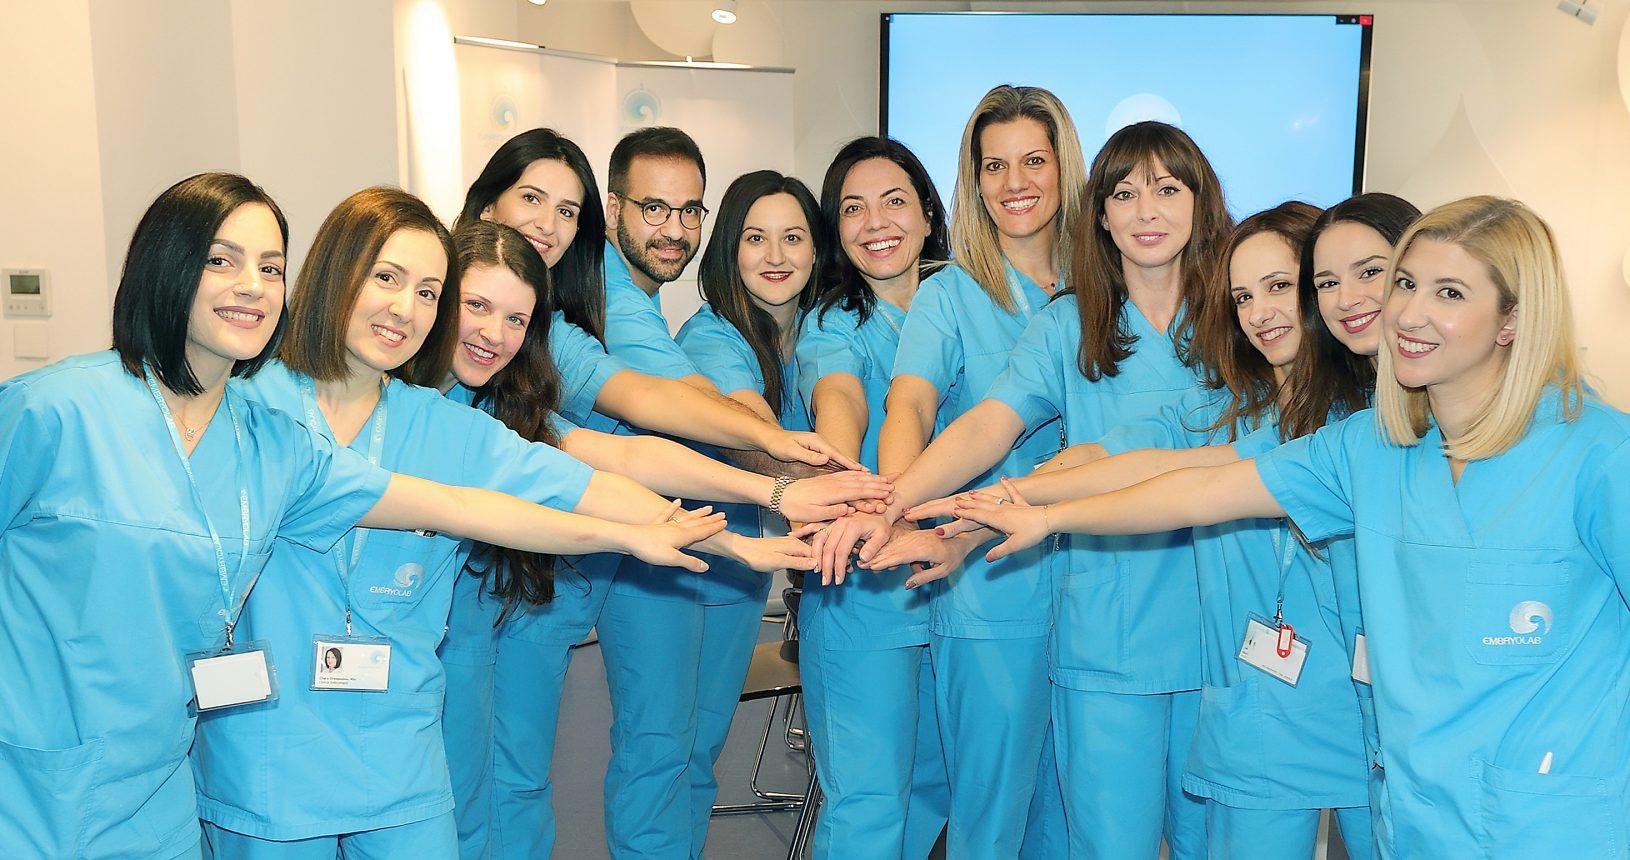 embryolab lab team